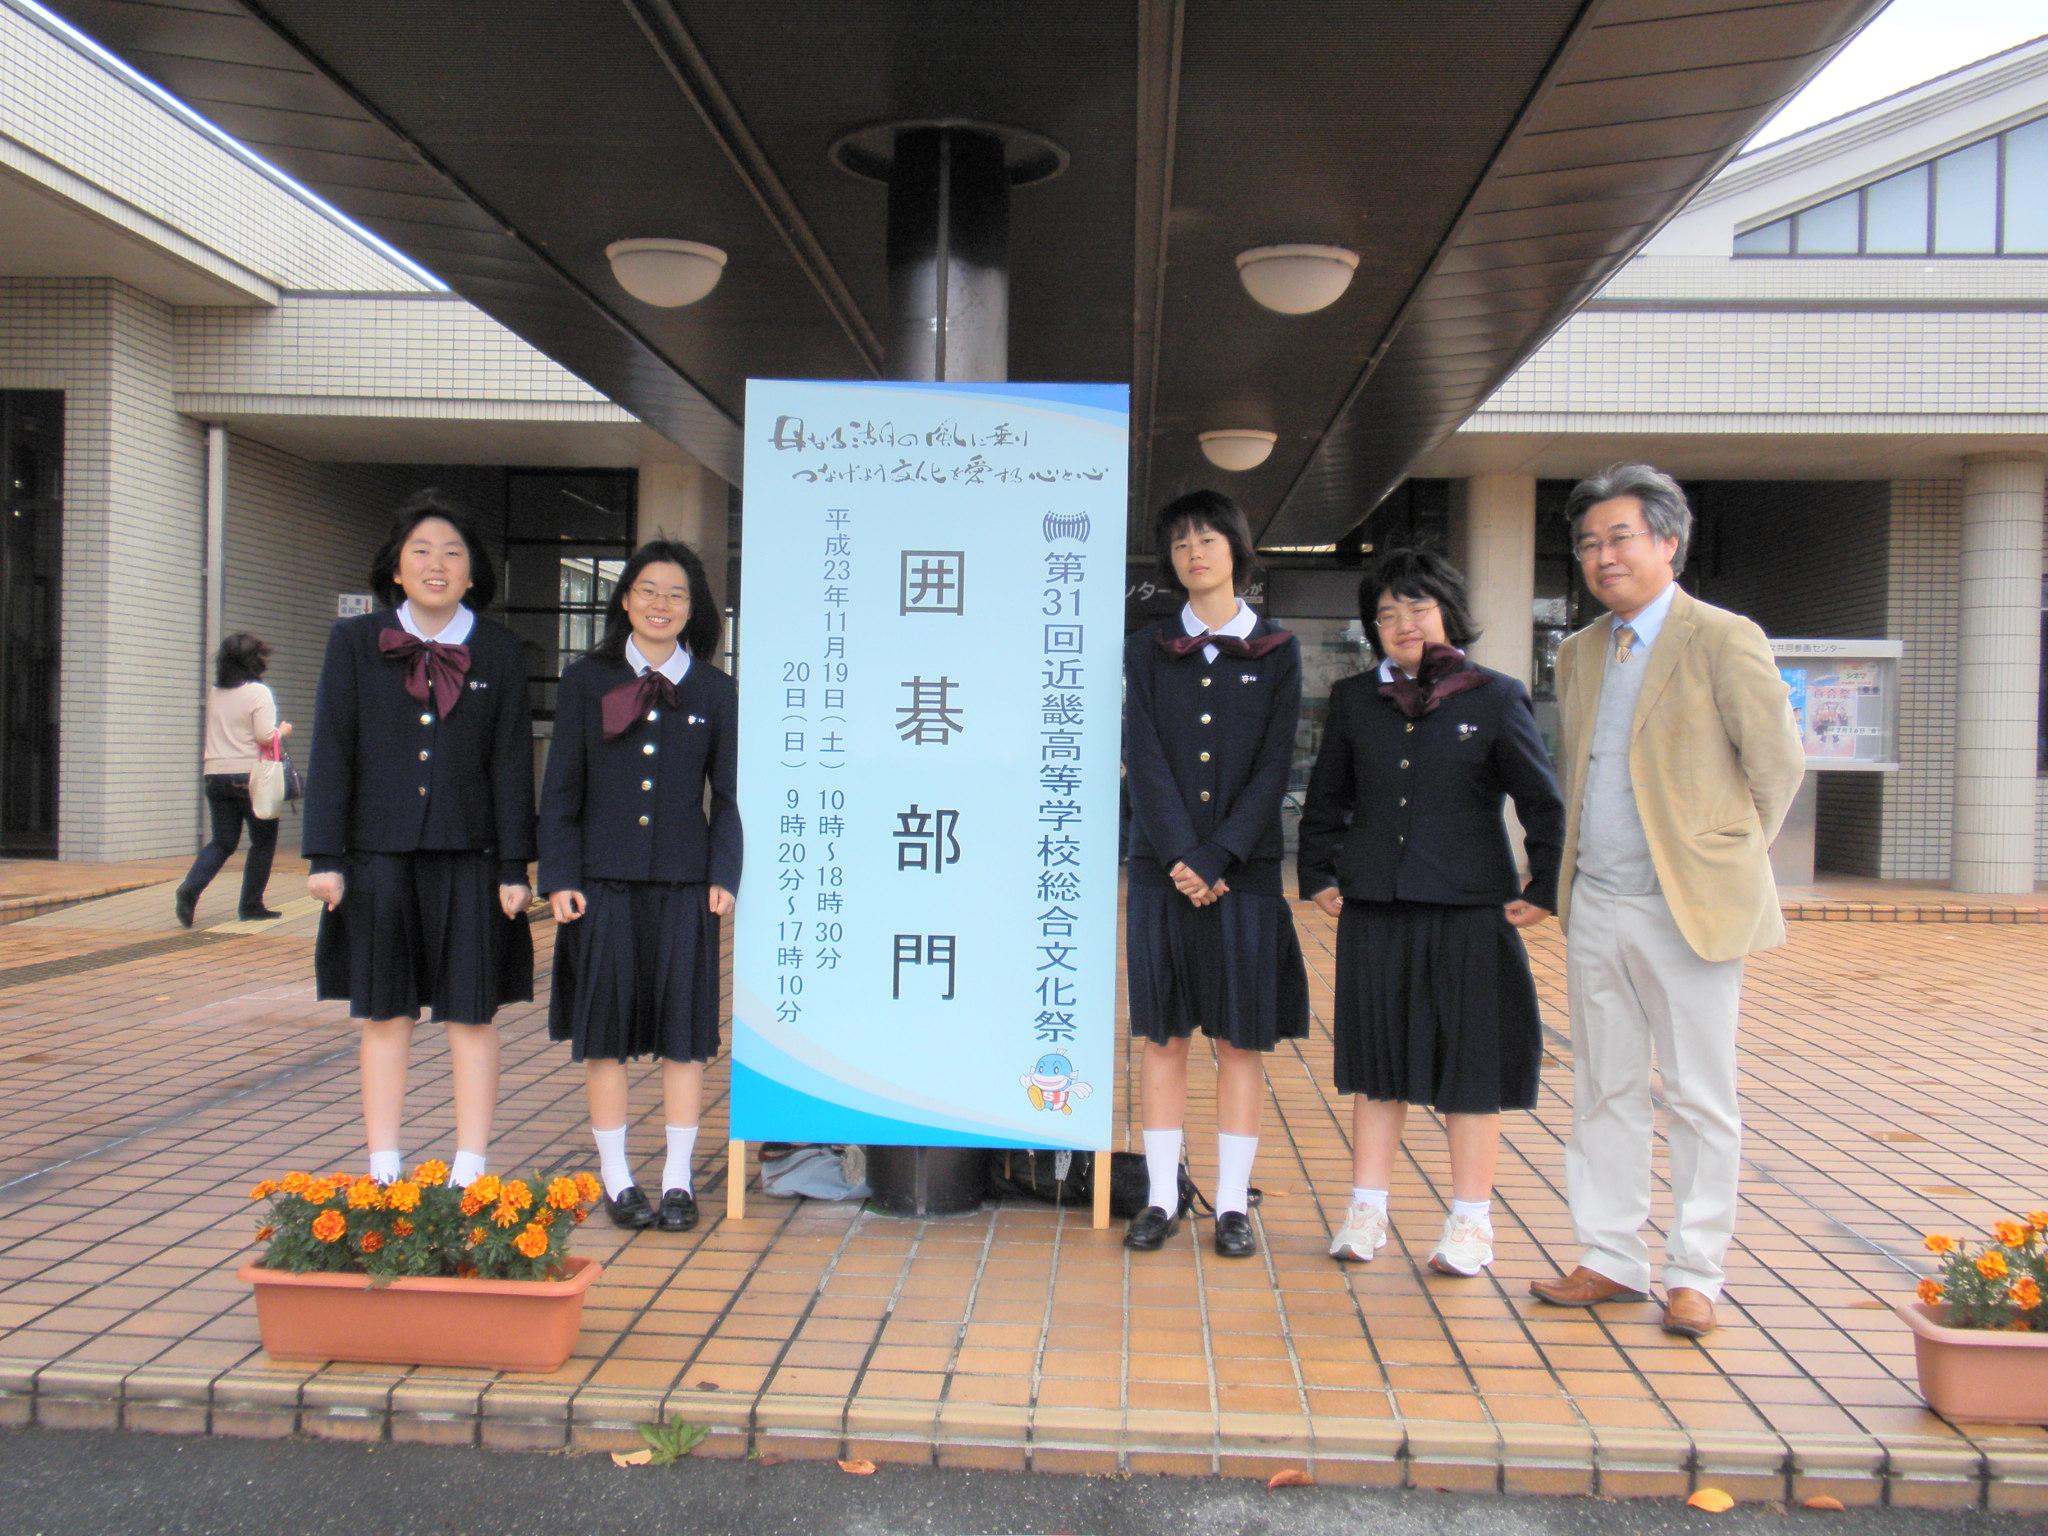 囲碁記念写真.JPG